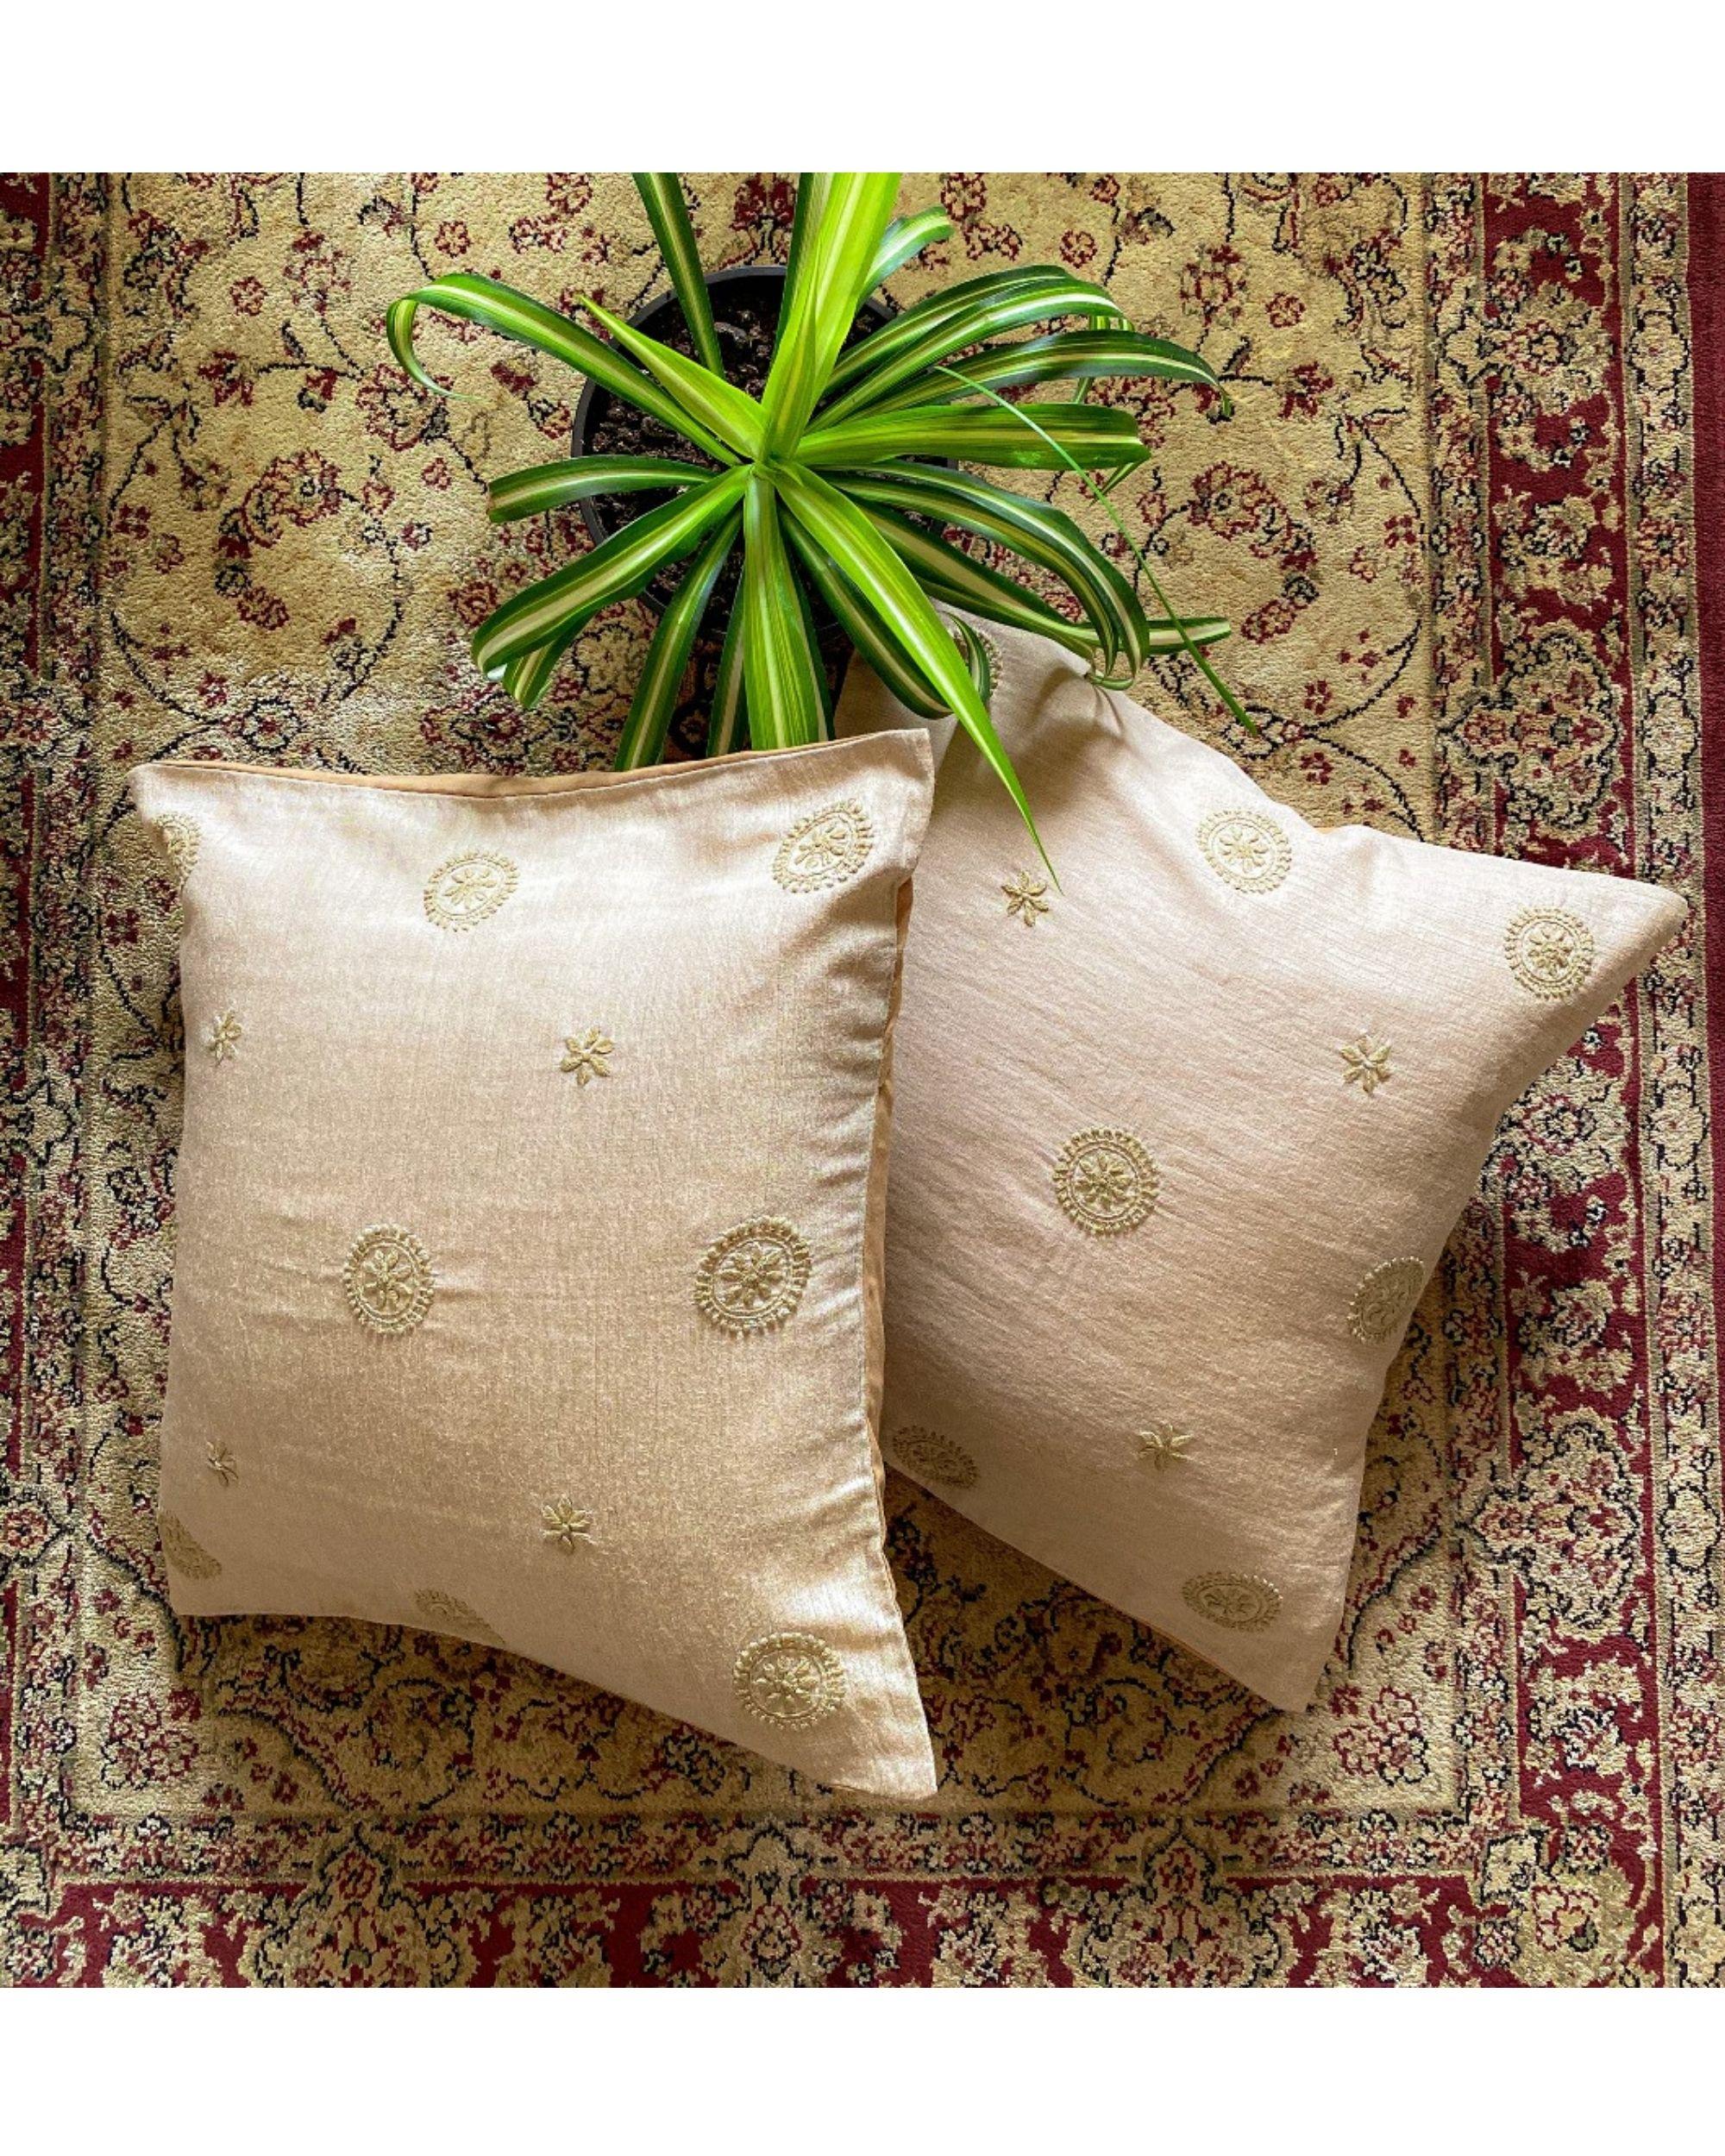 Beige calendula hand embroidered cushion cover